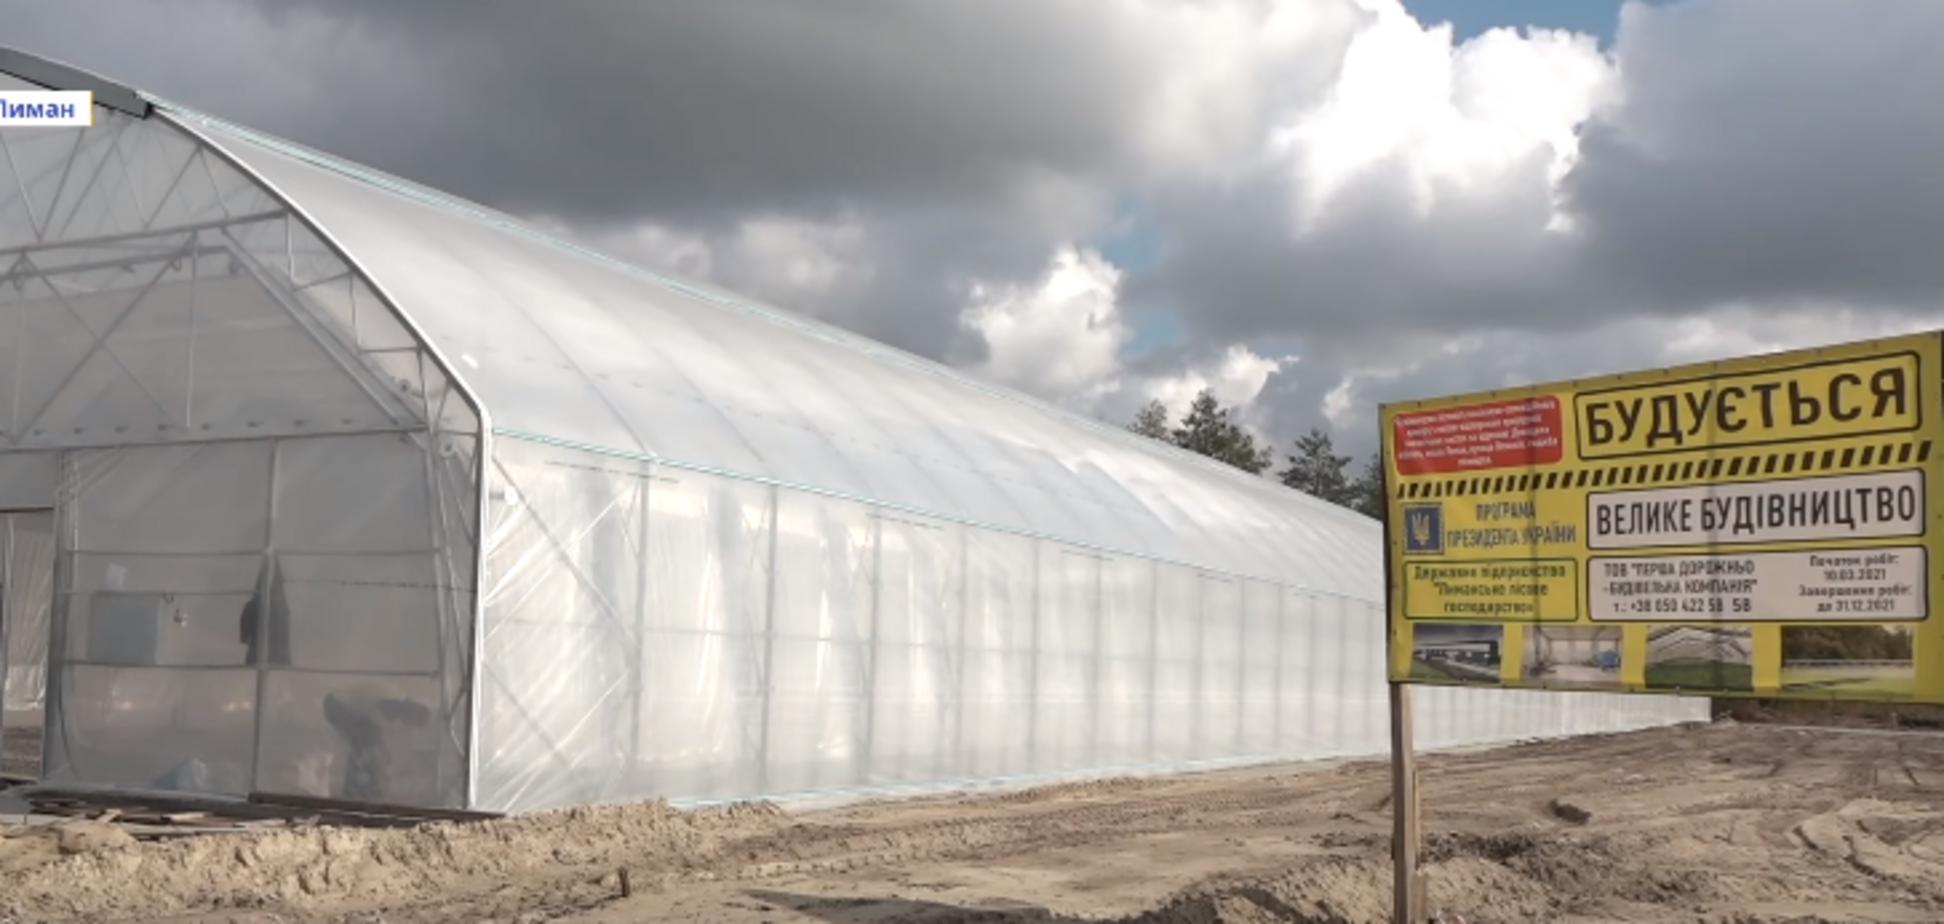 'Большая стройка': на Донбассе создают центр для выращивания 300 га леса ежегодно